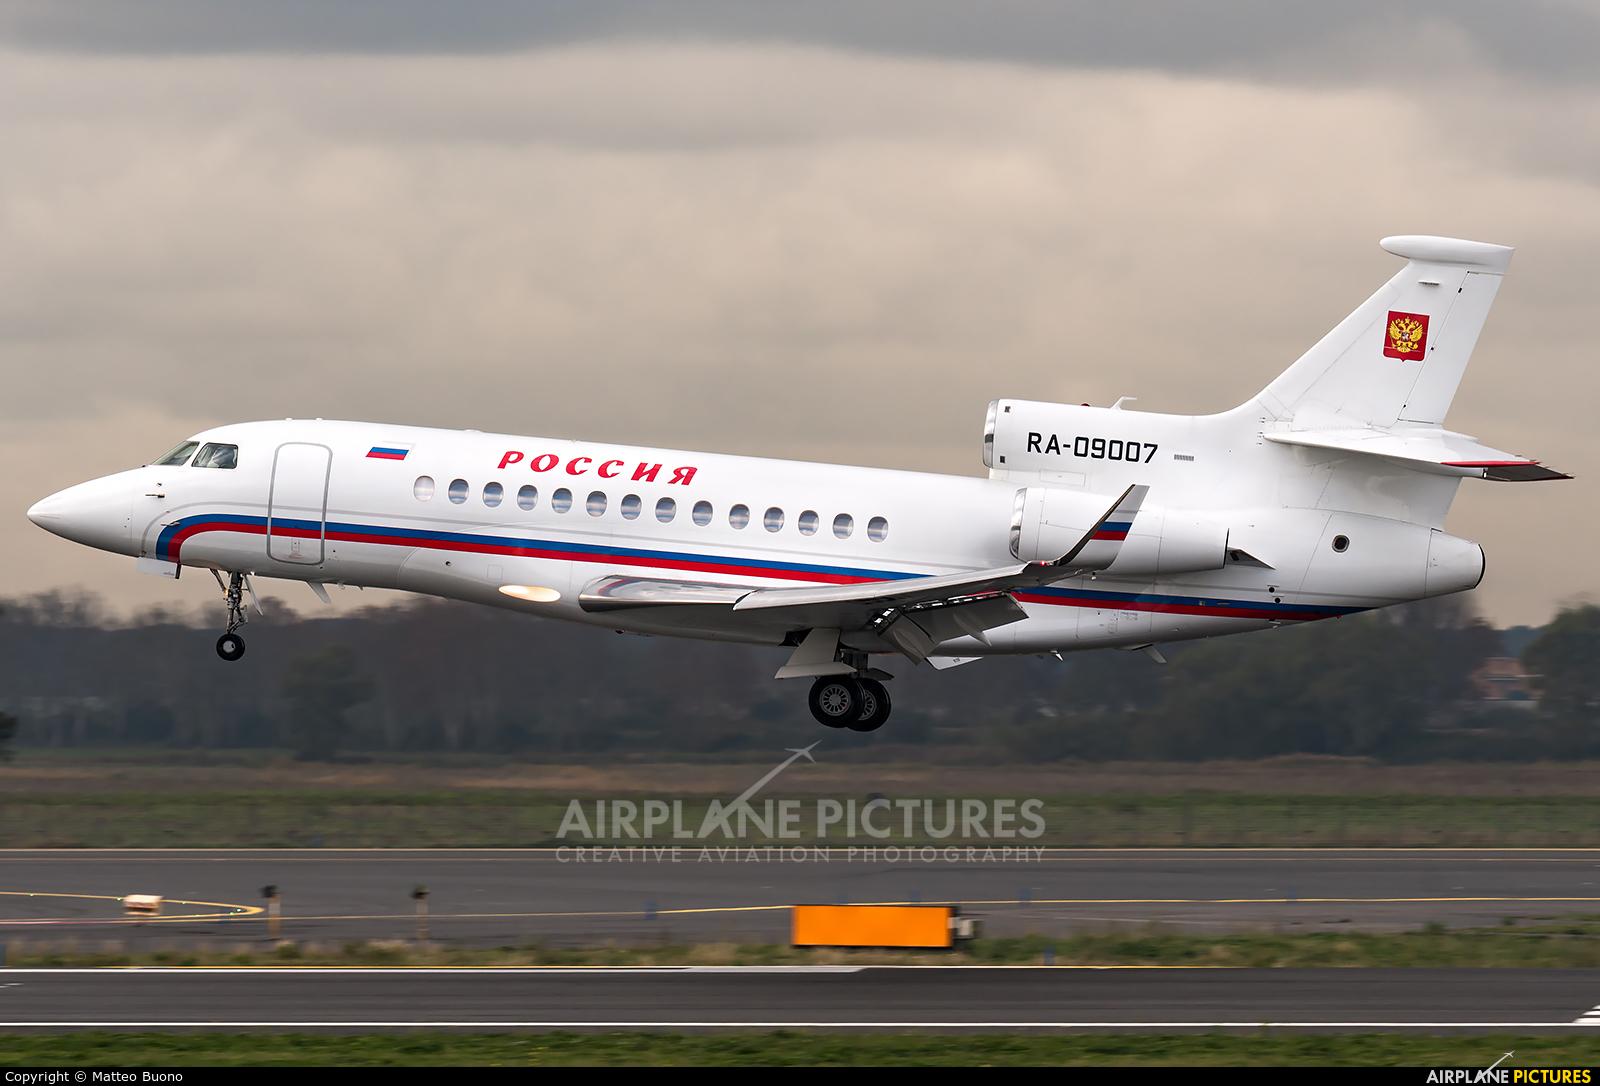 Rossiya RA-09007 aircraft at Rome - Fiumicino